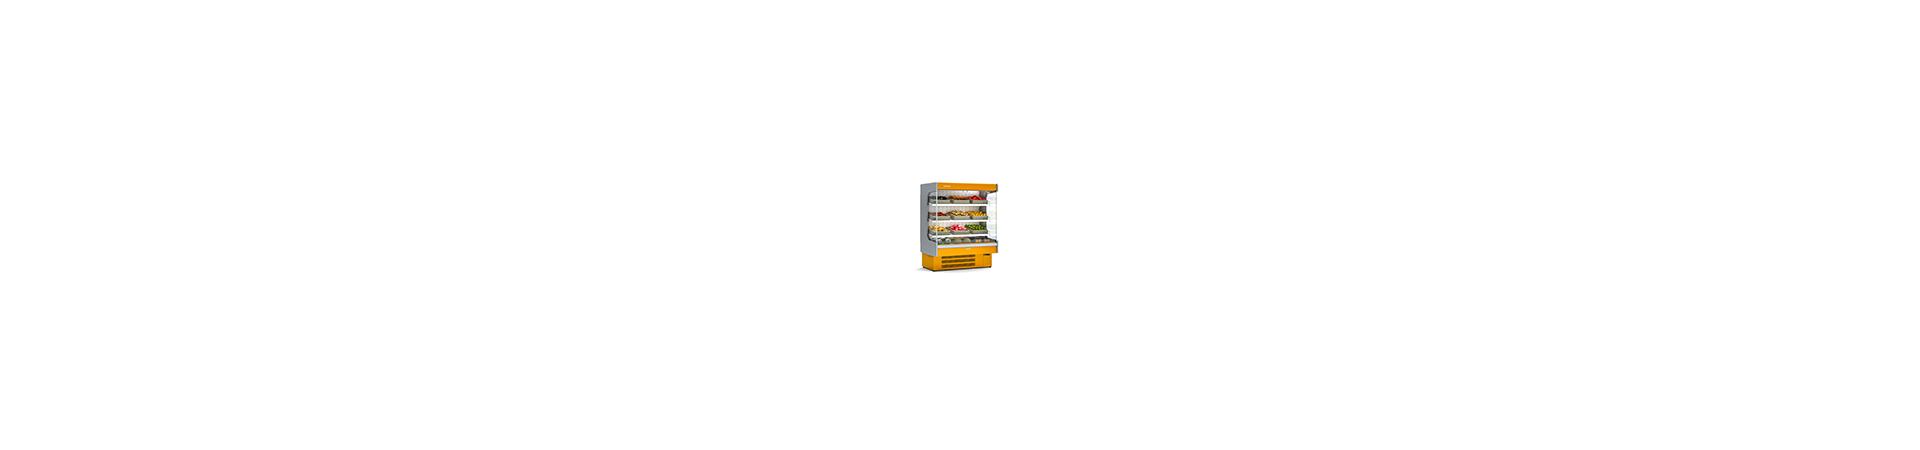 Vitrinas murales para exposición de alimentos